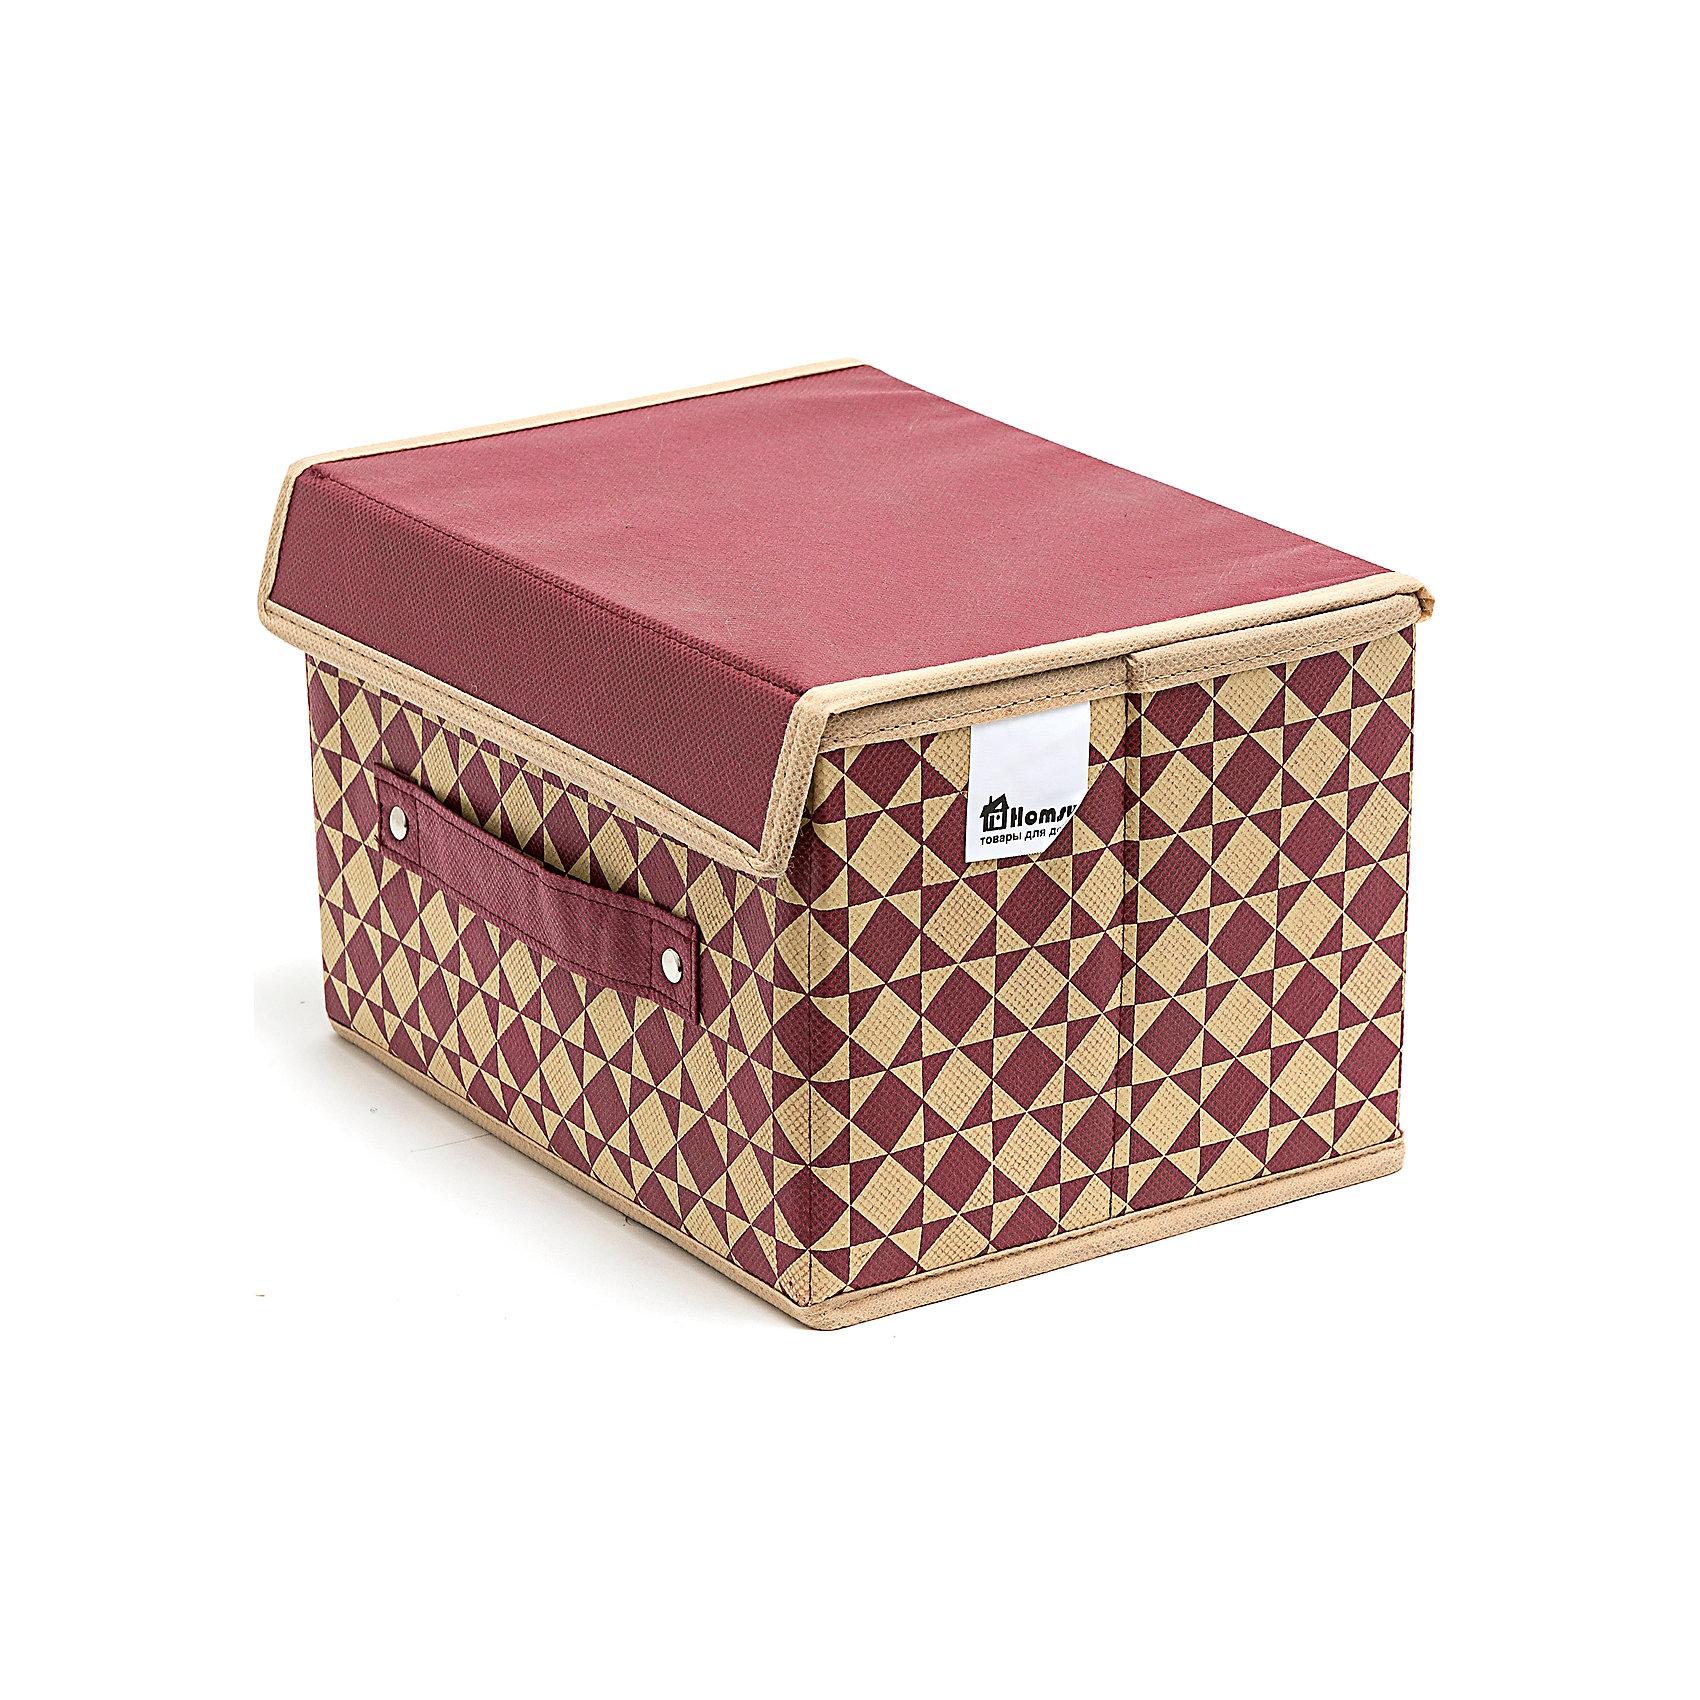 Коробка с крышкой Bordo (19*25*16), HomsuПорядок в детской<br>Характеристики товара:<br><br>• цвет: бордовый<br>• материал: спанбонд, картон<br>• размер: 19х25х16 см<br>• вес: 200 г<br>• легкий прочный каркас<br>• застежка: липучка<br>• крышка<br>• ручка для переноски<br>• вместимость: 1 отделение<br>• страна бренда: Россия<br>• страна изготовитель: Китай<br><br>Коробка с крышкой Bordo от бренда Homsu (Хомсу) - очень удобная вещь для хранения вещей и эргономичной организации пространства.<br><br>Предмет легкий, устойчивый, вместительный, имеет удобную ручку для переноски.<br><br>Коробку с крышкой Bordo (19*25*16), Homsu можно купить в нашем интернет-магазине.<br><br>Ширина мм: 190<br>Глубина мм: 250<br>Высота мм: 20<br>Вес г: 200<br>Возраст от месяцев: 216<br>Возраст до месяцев: 1188<br>Пол: Унисекс<br>Возраст: Детский<br>SKU: 5620172